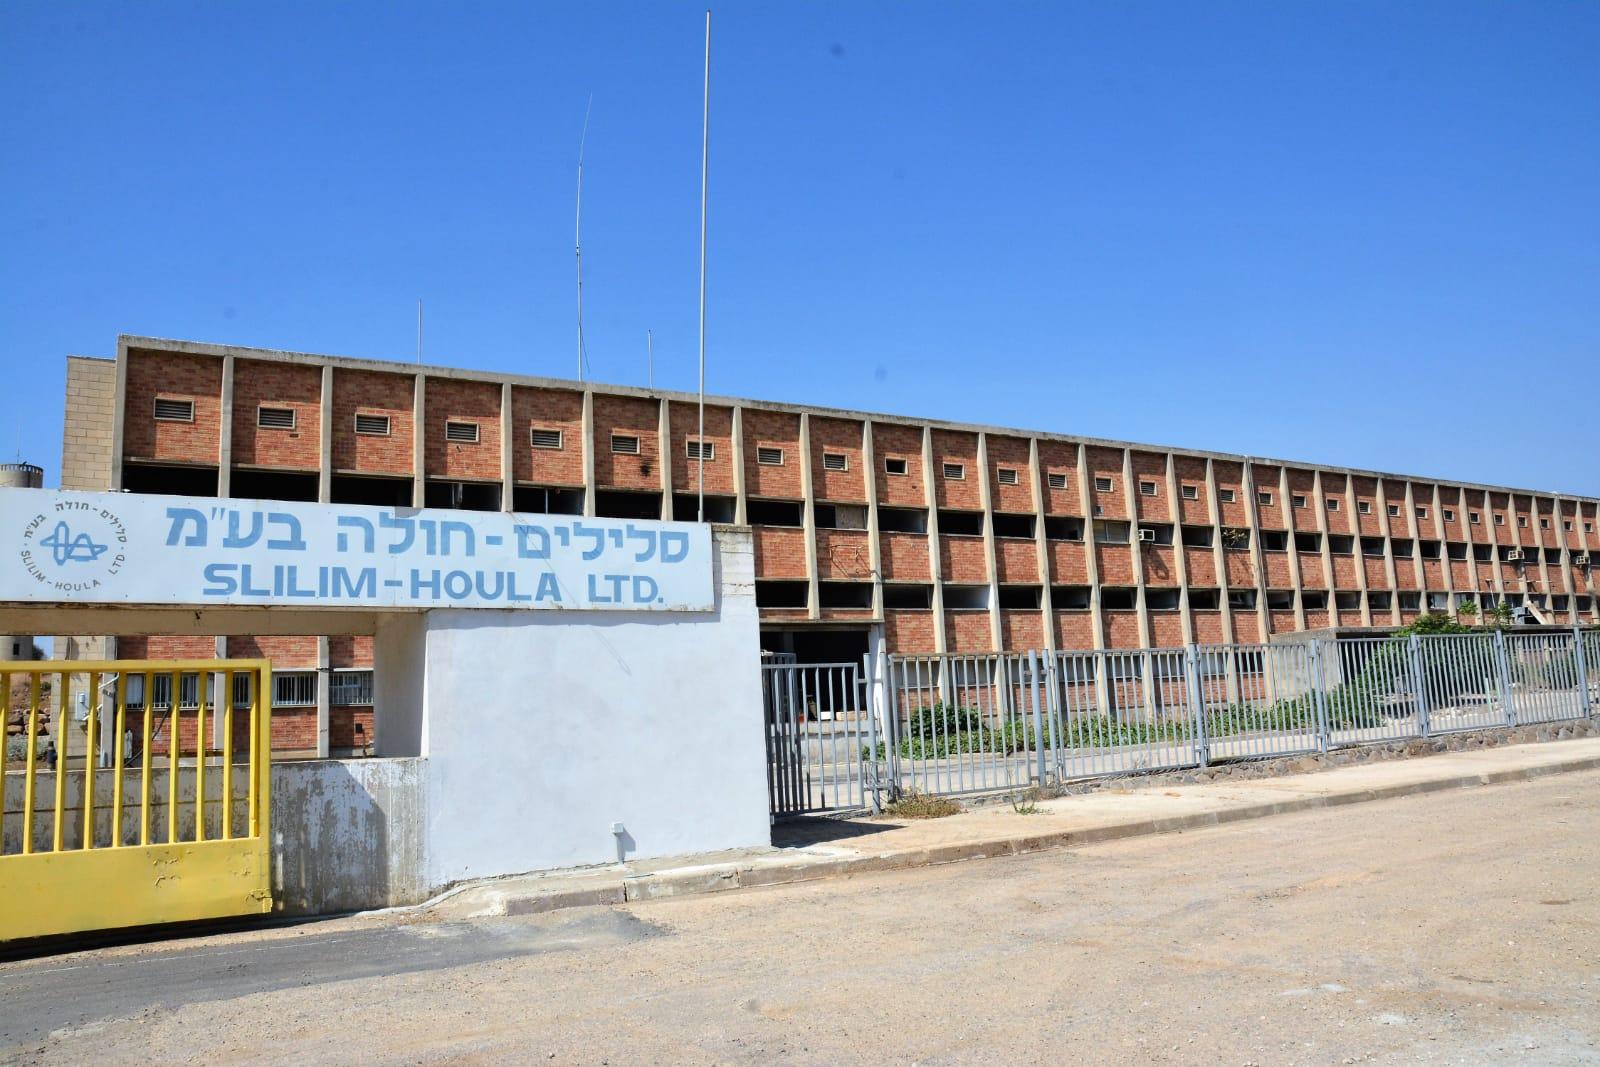 משרד הבריאות מתנגד להקמת בית חולים בקריית שמונה